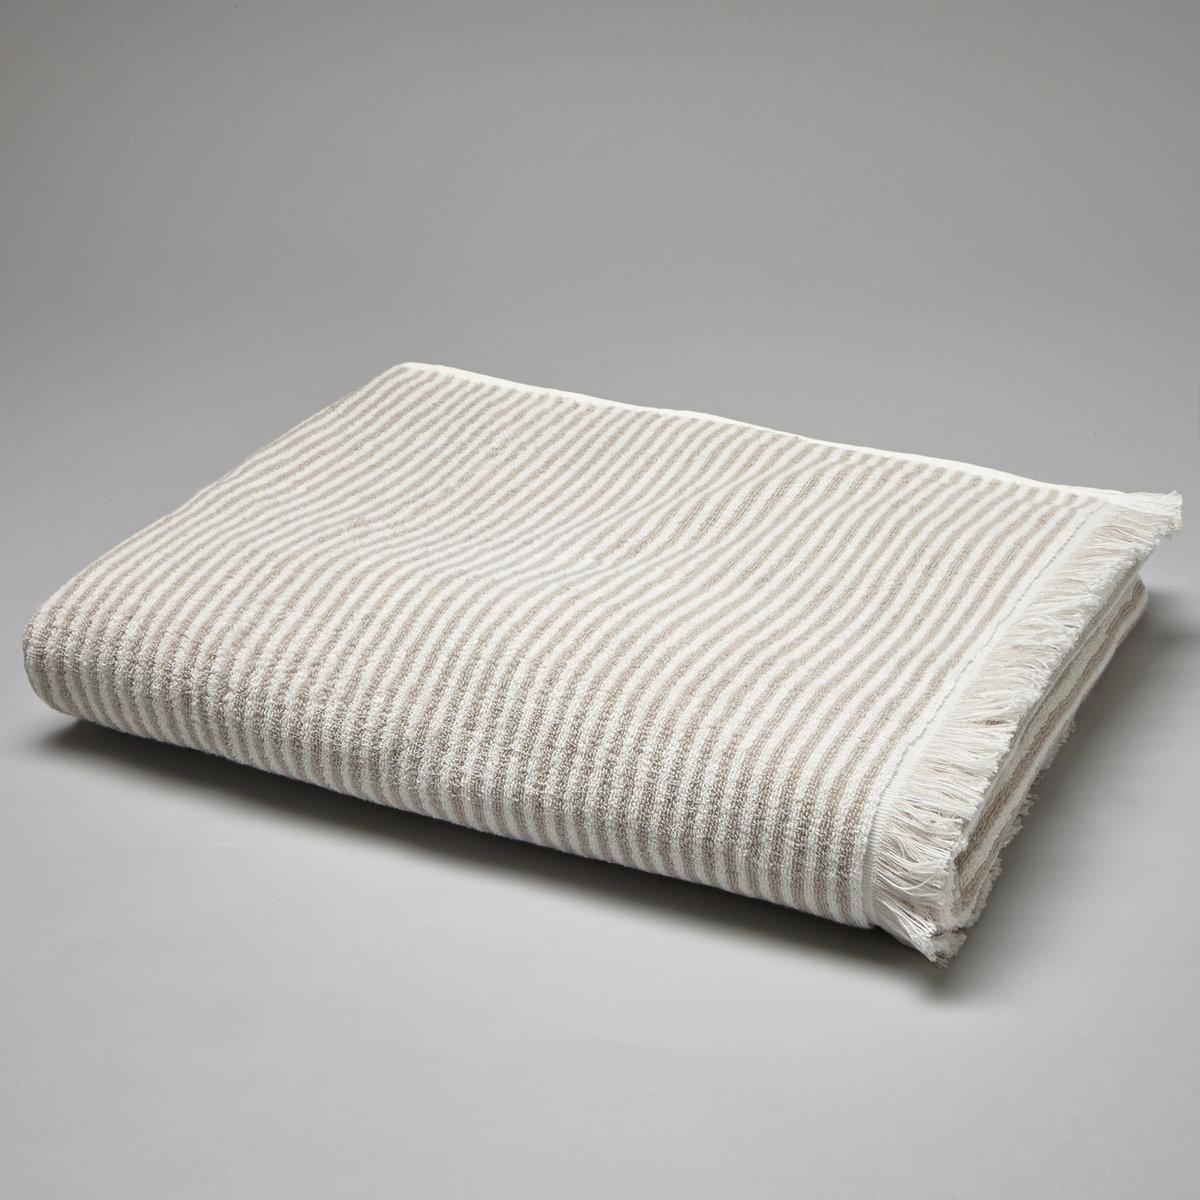 Полотенце в полоску 500 г/м?Полотенце. Яркая полоска в двух цветах для полотенца, которое оличается своей мягкостью и превосходной впитываемостью. Описание полотенца в полоску 500 г/м?:Рисунок в полоску, 100% хлопка (500 г/м?). Превосходная мягкость и прочность. Прекрасно сохраняет цвета при стирке при 60°.Машинная сушка.Размеры полотенца в полоску 500 г/м?:50 x 100 см.<br><br>Цвет: серо-бежевый